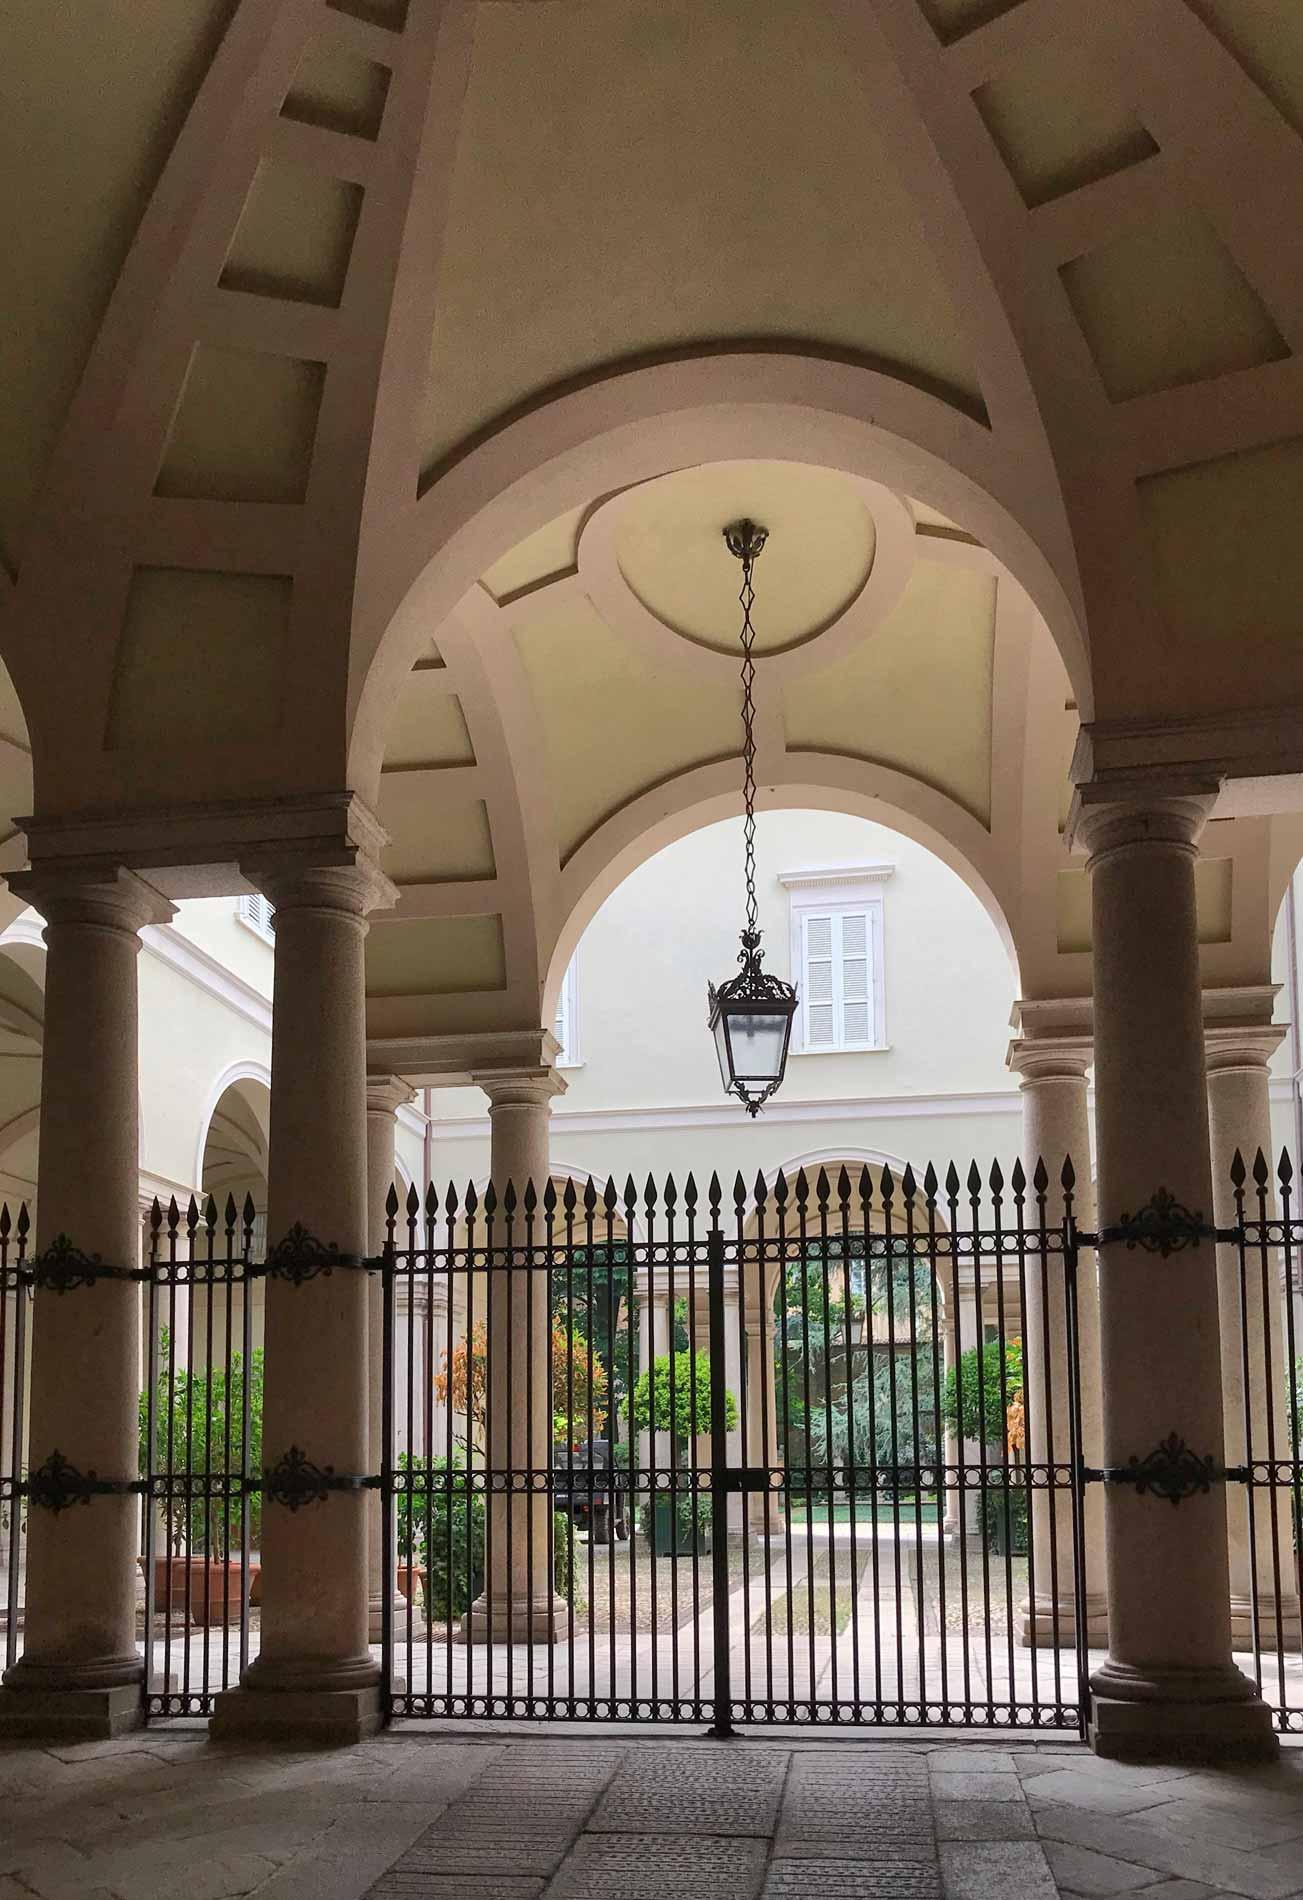 cremona-palazzo-pallavicino-carotti-corso-matteotti-atrio-cortile-neoclassico